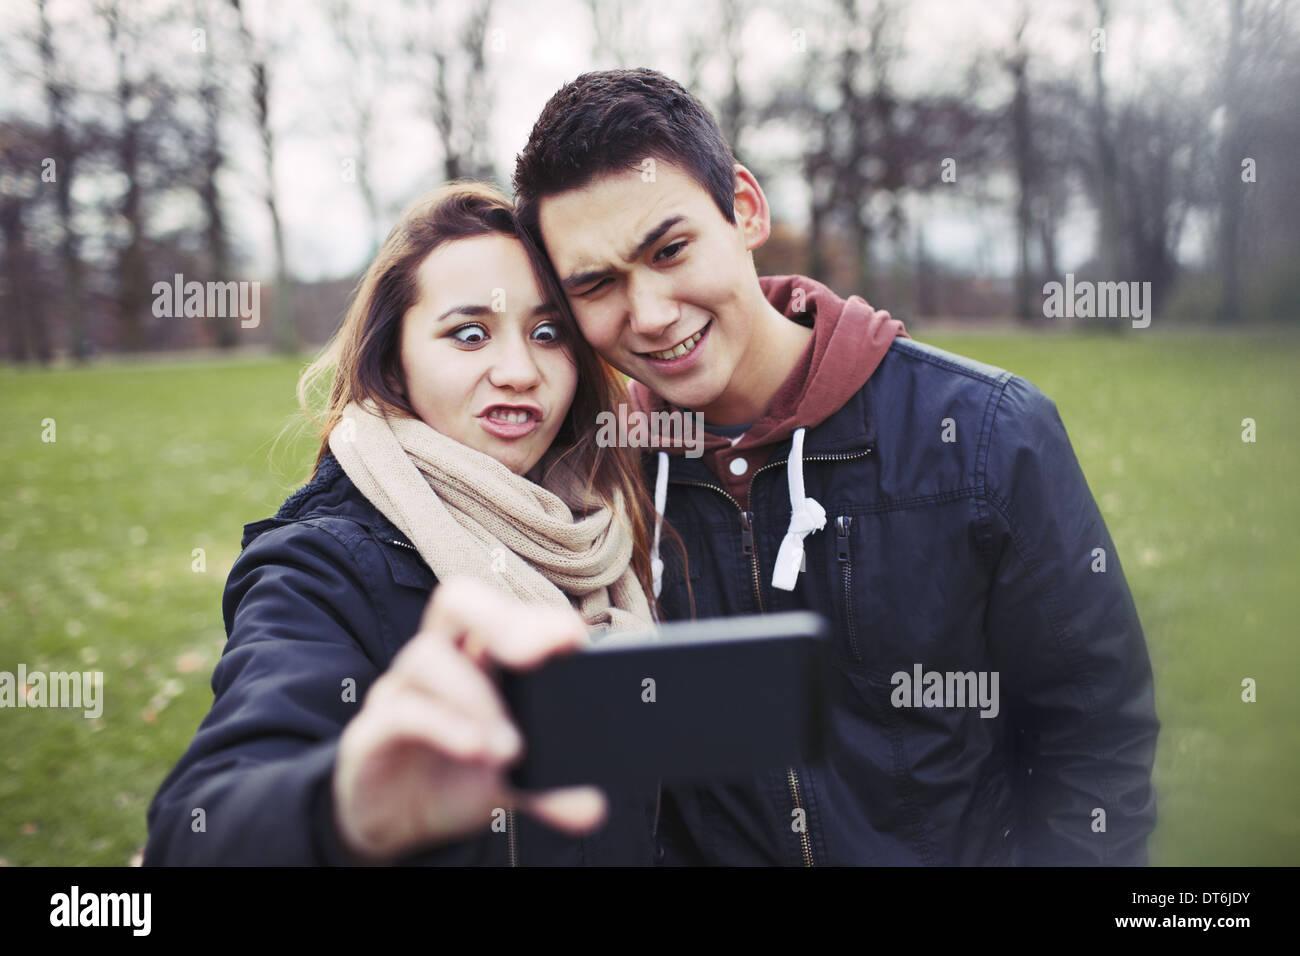 Drôle de couple photographing themselves with smart phone dans le parc. Jolie jeune fille avec son petit ami à prendre des photos. Photo Stock